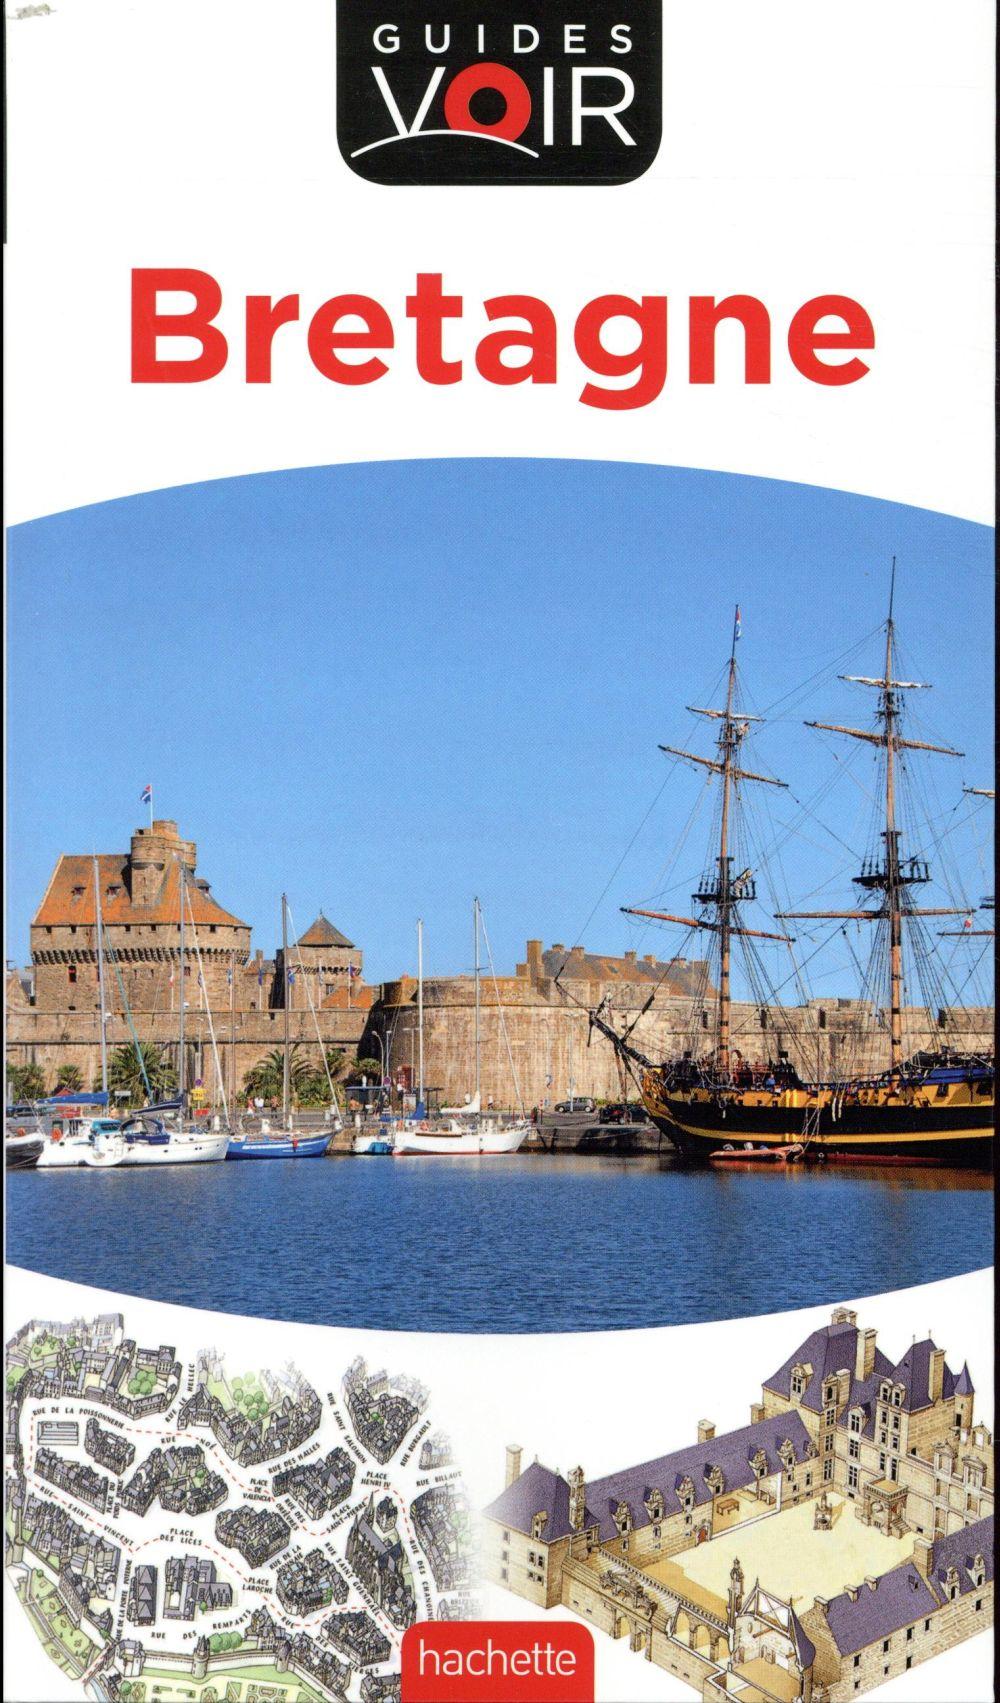 Guides voir ; Bretagne